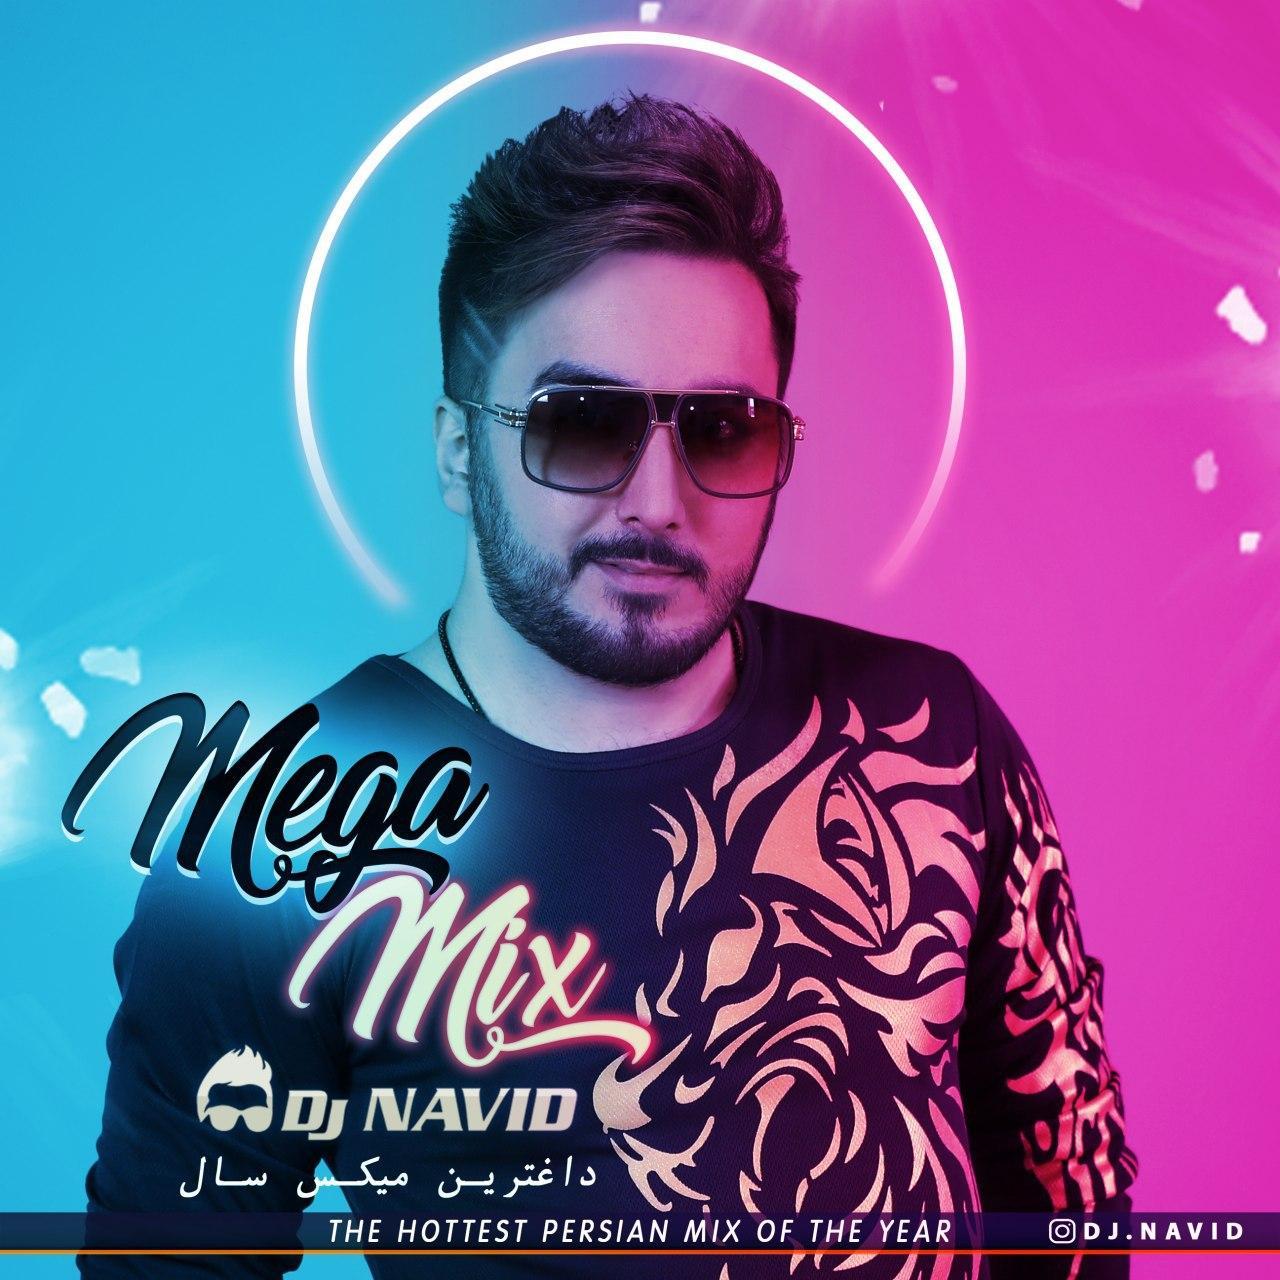 Dj Navid – Mega Mix